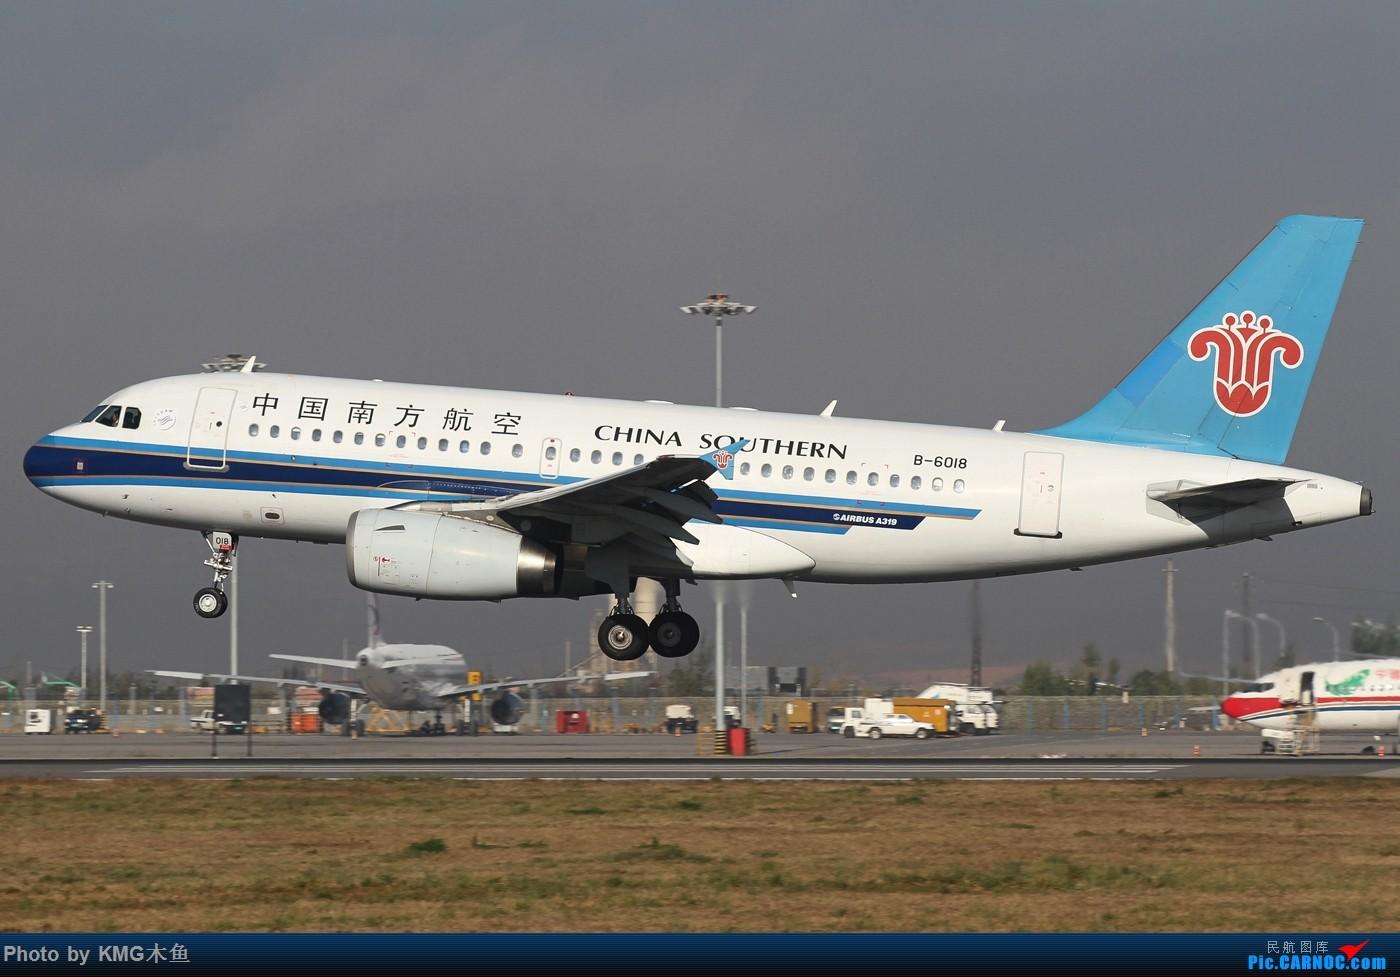 Re:[原创]【KMG昆明长水国际机场】好天气,拍到了好灰机,愉快的一天 AIRBUS A319-100 B-6018 中国昆明长水国际机场